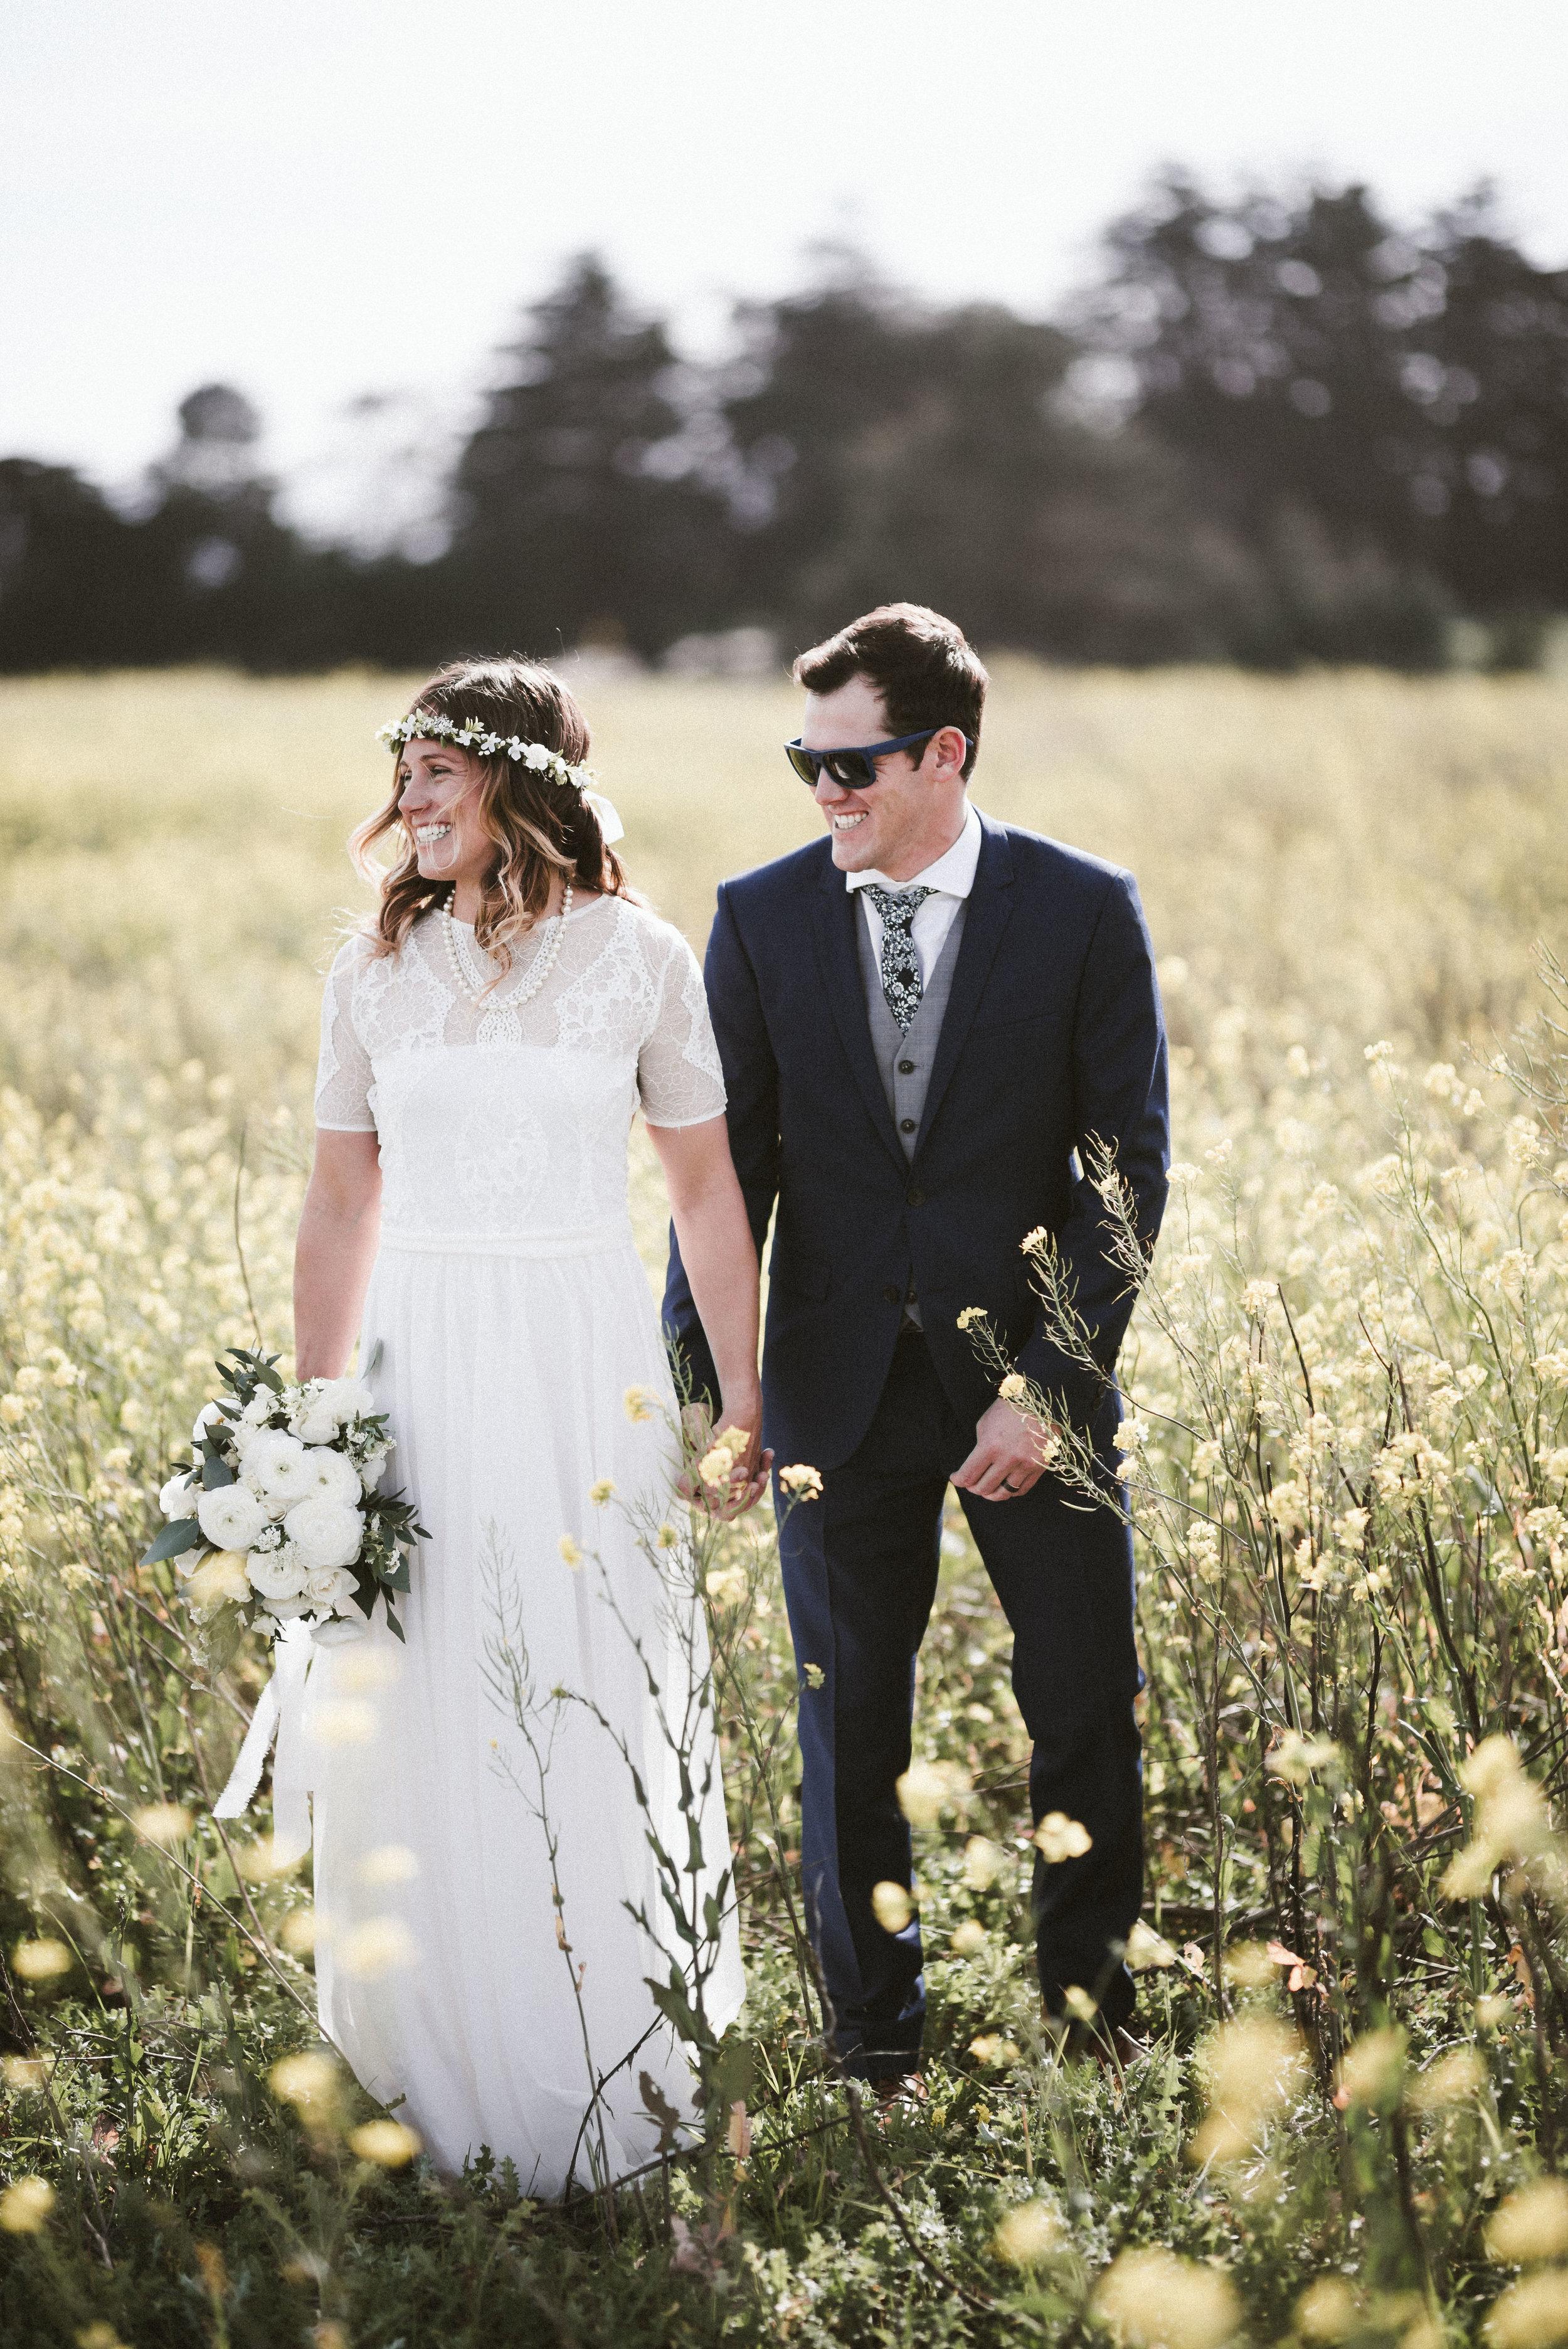 Bride Flowers Tony-Gambino-Photography-1088.jpg